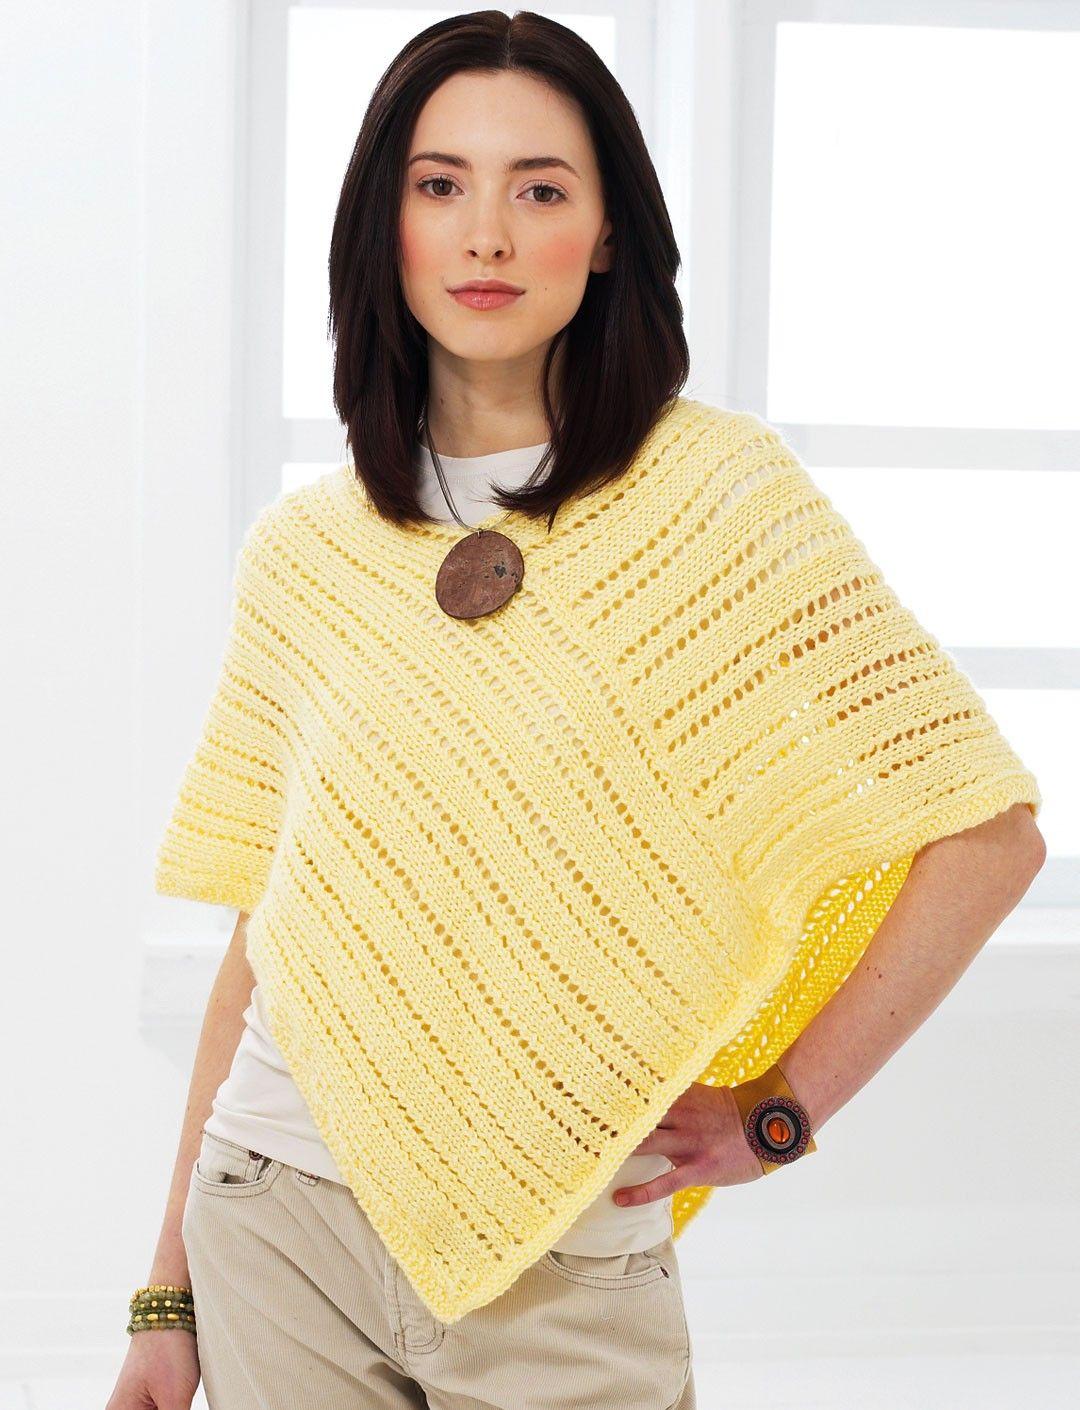 Easy Poncho Knitting Pattern Free : Yarnspirations bernat knit poncho